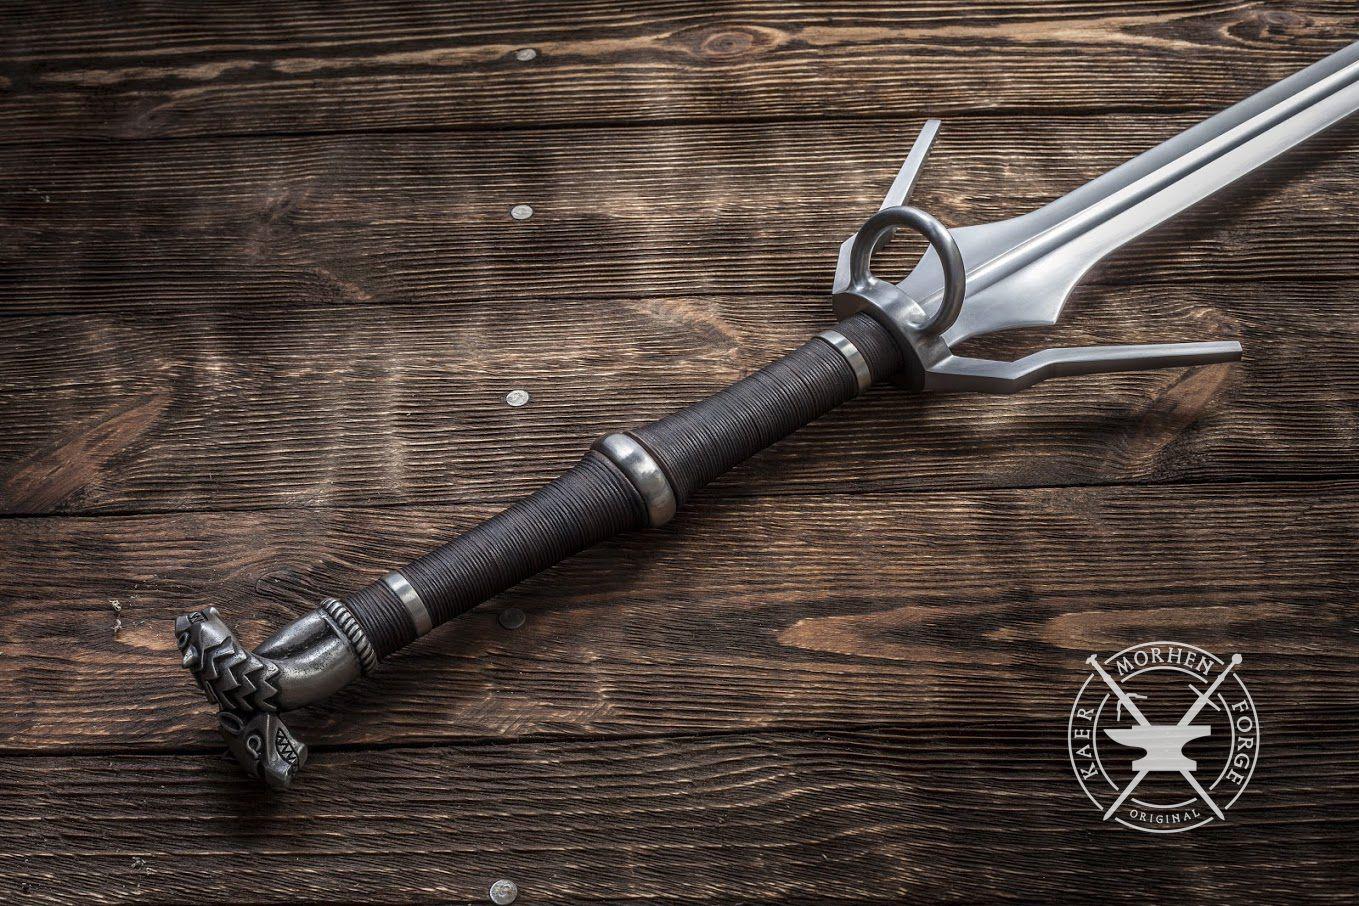 картинки мечей ведьмаков миллигана